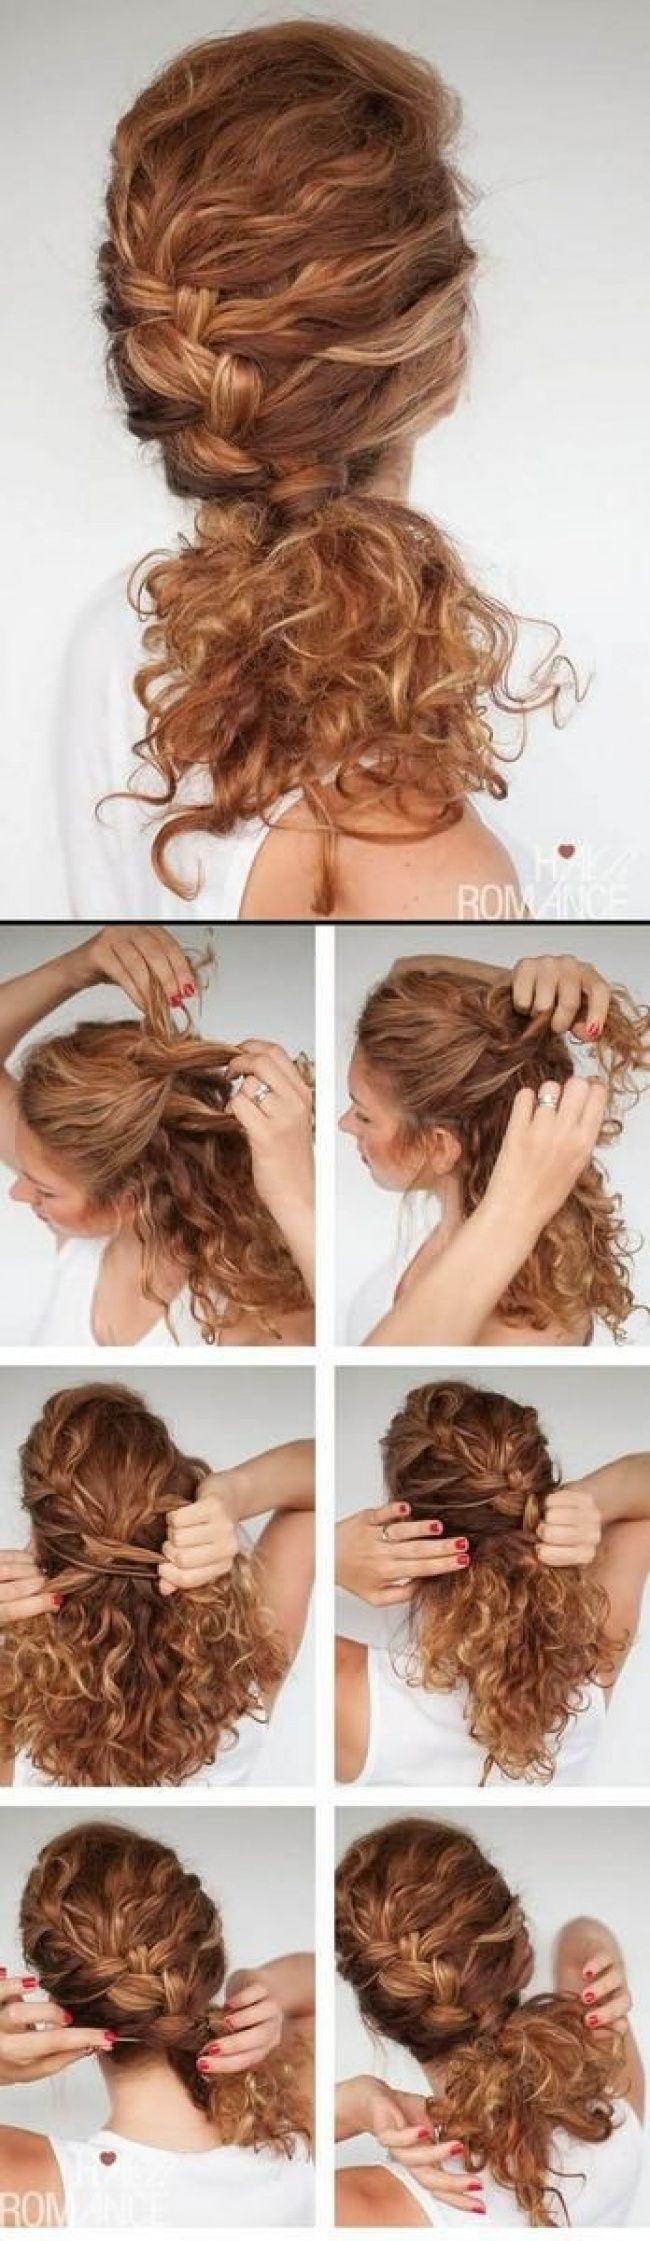 fantsticos peinados para cabellos rizados y cortos